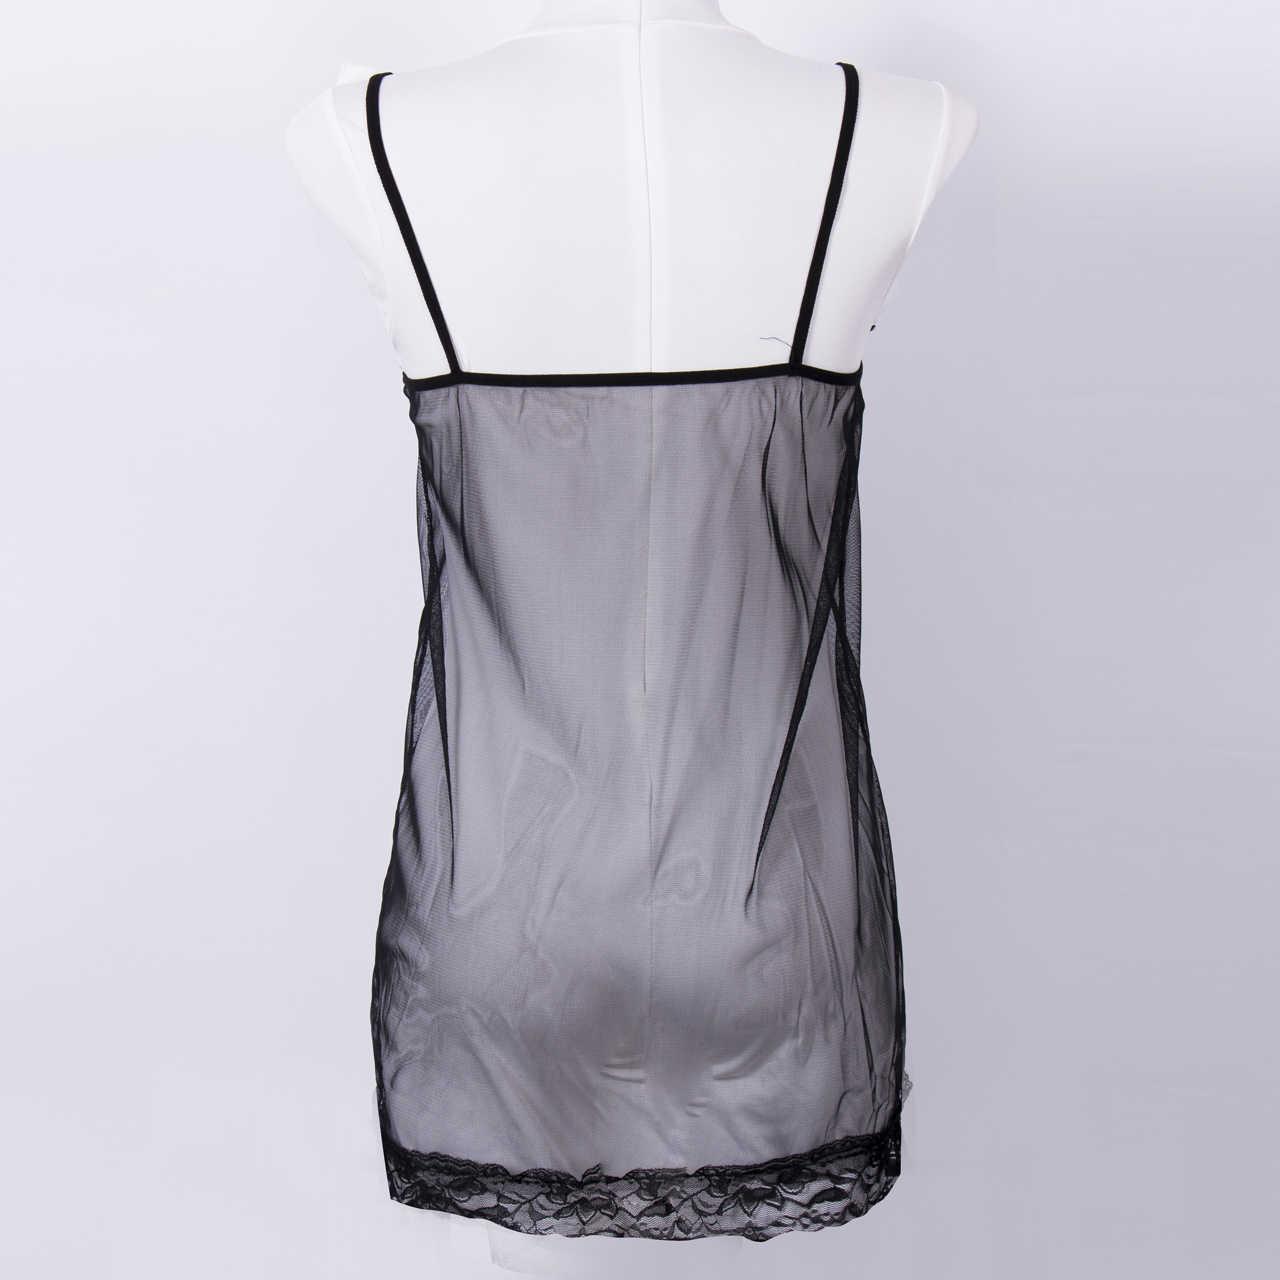 Kobiety seksowna bielizna Babydoll bielizna czarna koronkowa sukienka bielizna nocna Babydoll bielizna nocna czarnym paskiem koszula nocna